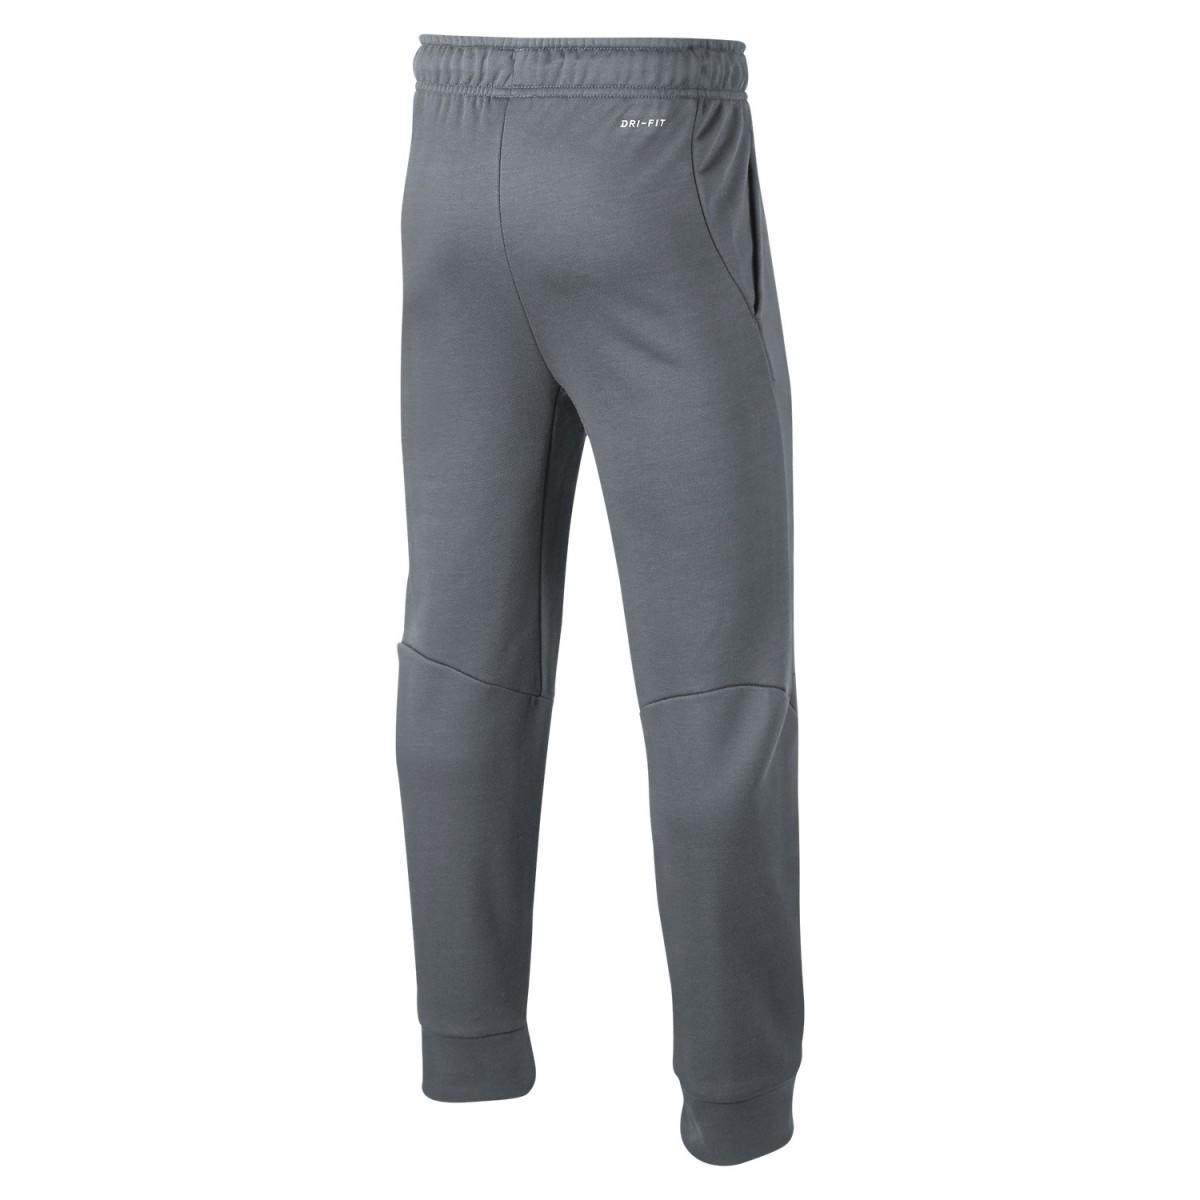 Спортивные штаны детские Nike Boys Dry Pant Taper FLC grey